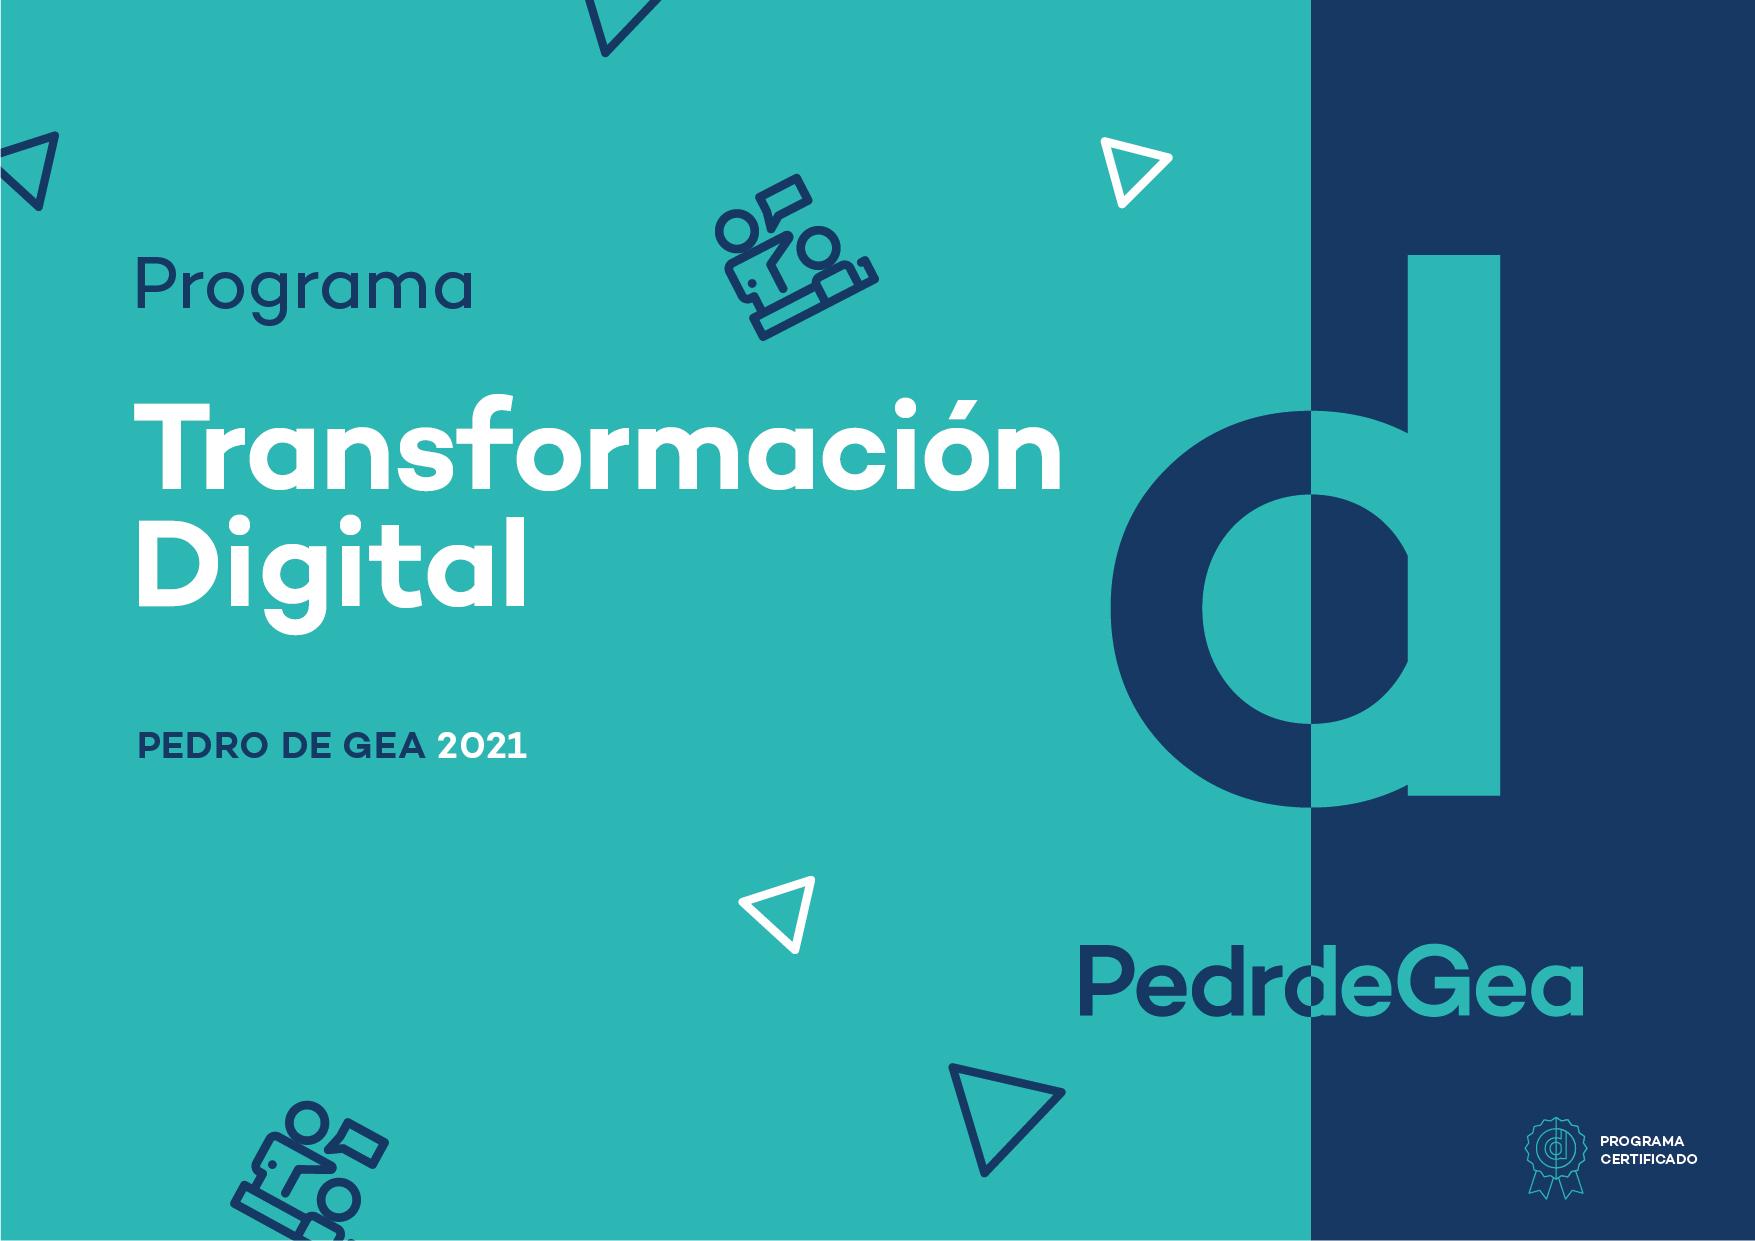 Programas-PedroDeGea-3